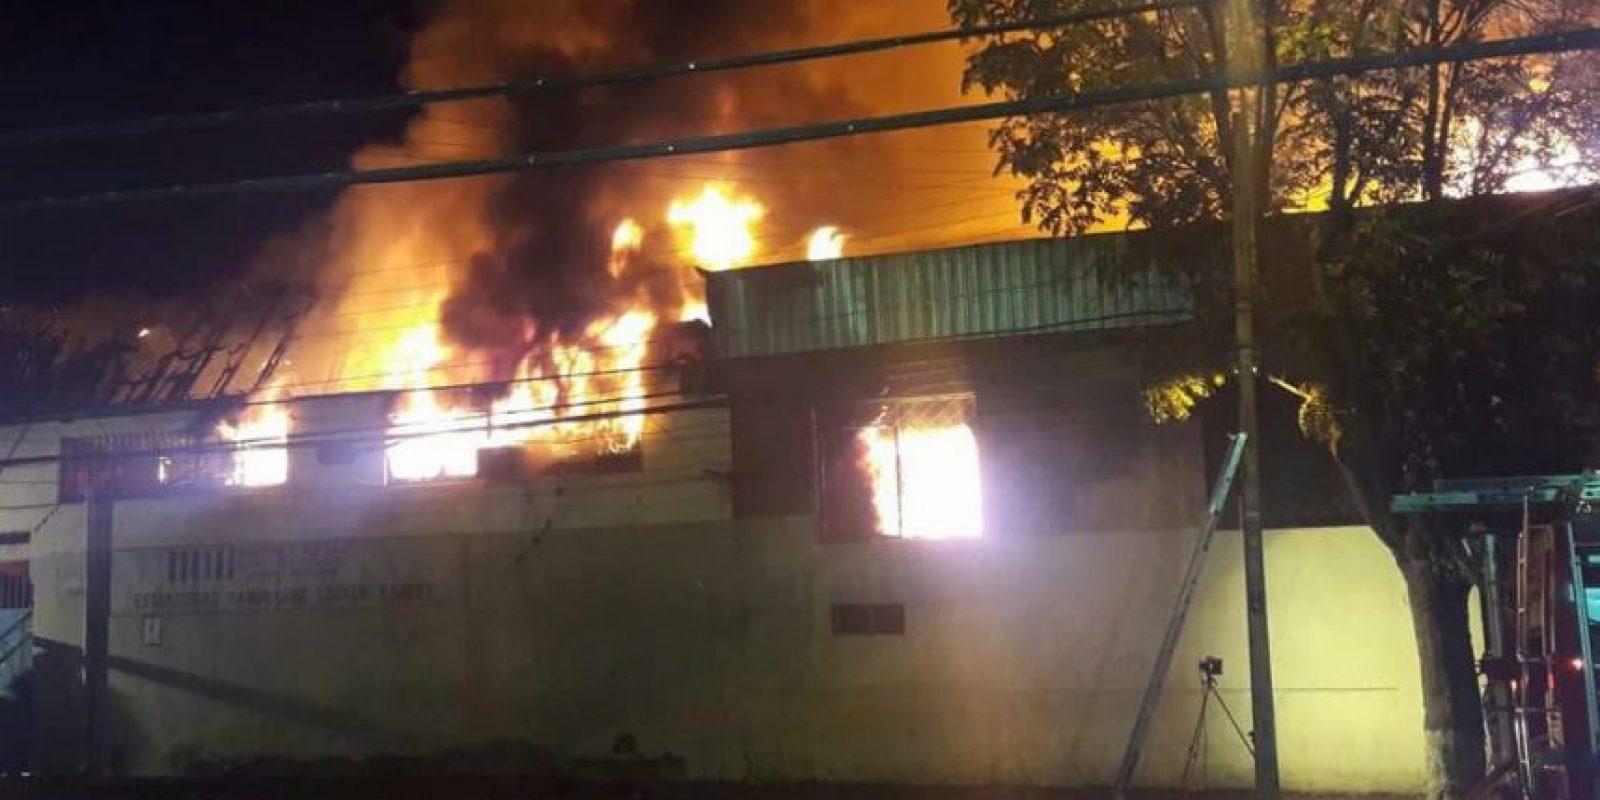 No se registraron personas lesionadas y más de 200 voluntarios trabajaron para controlar la emergencia. Foto:Reproducción Twitter. Imagen Por: